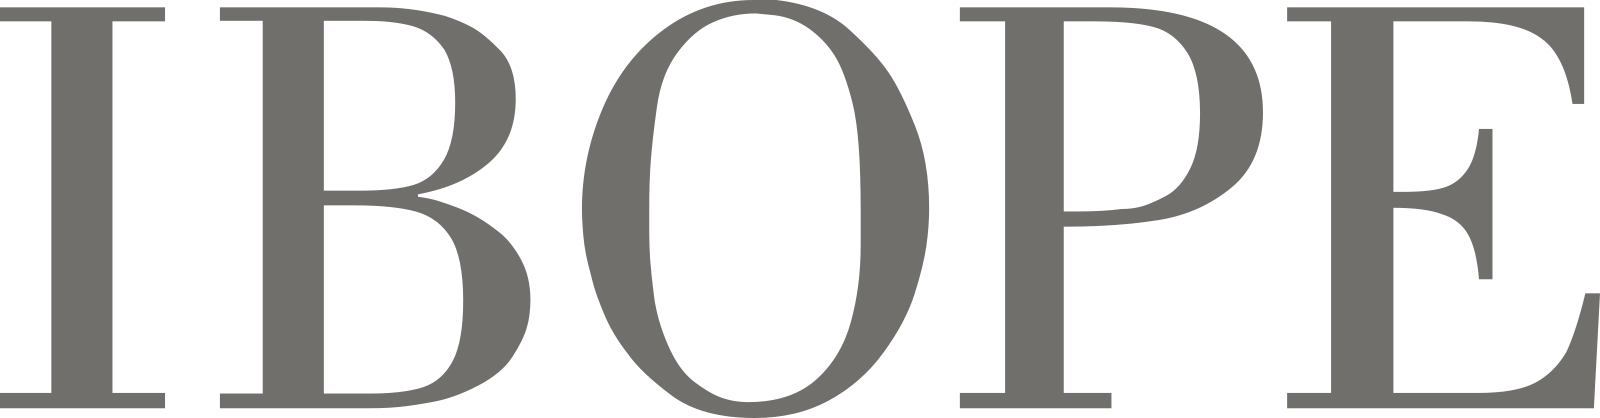 IBOPE logo.